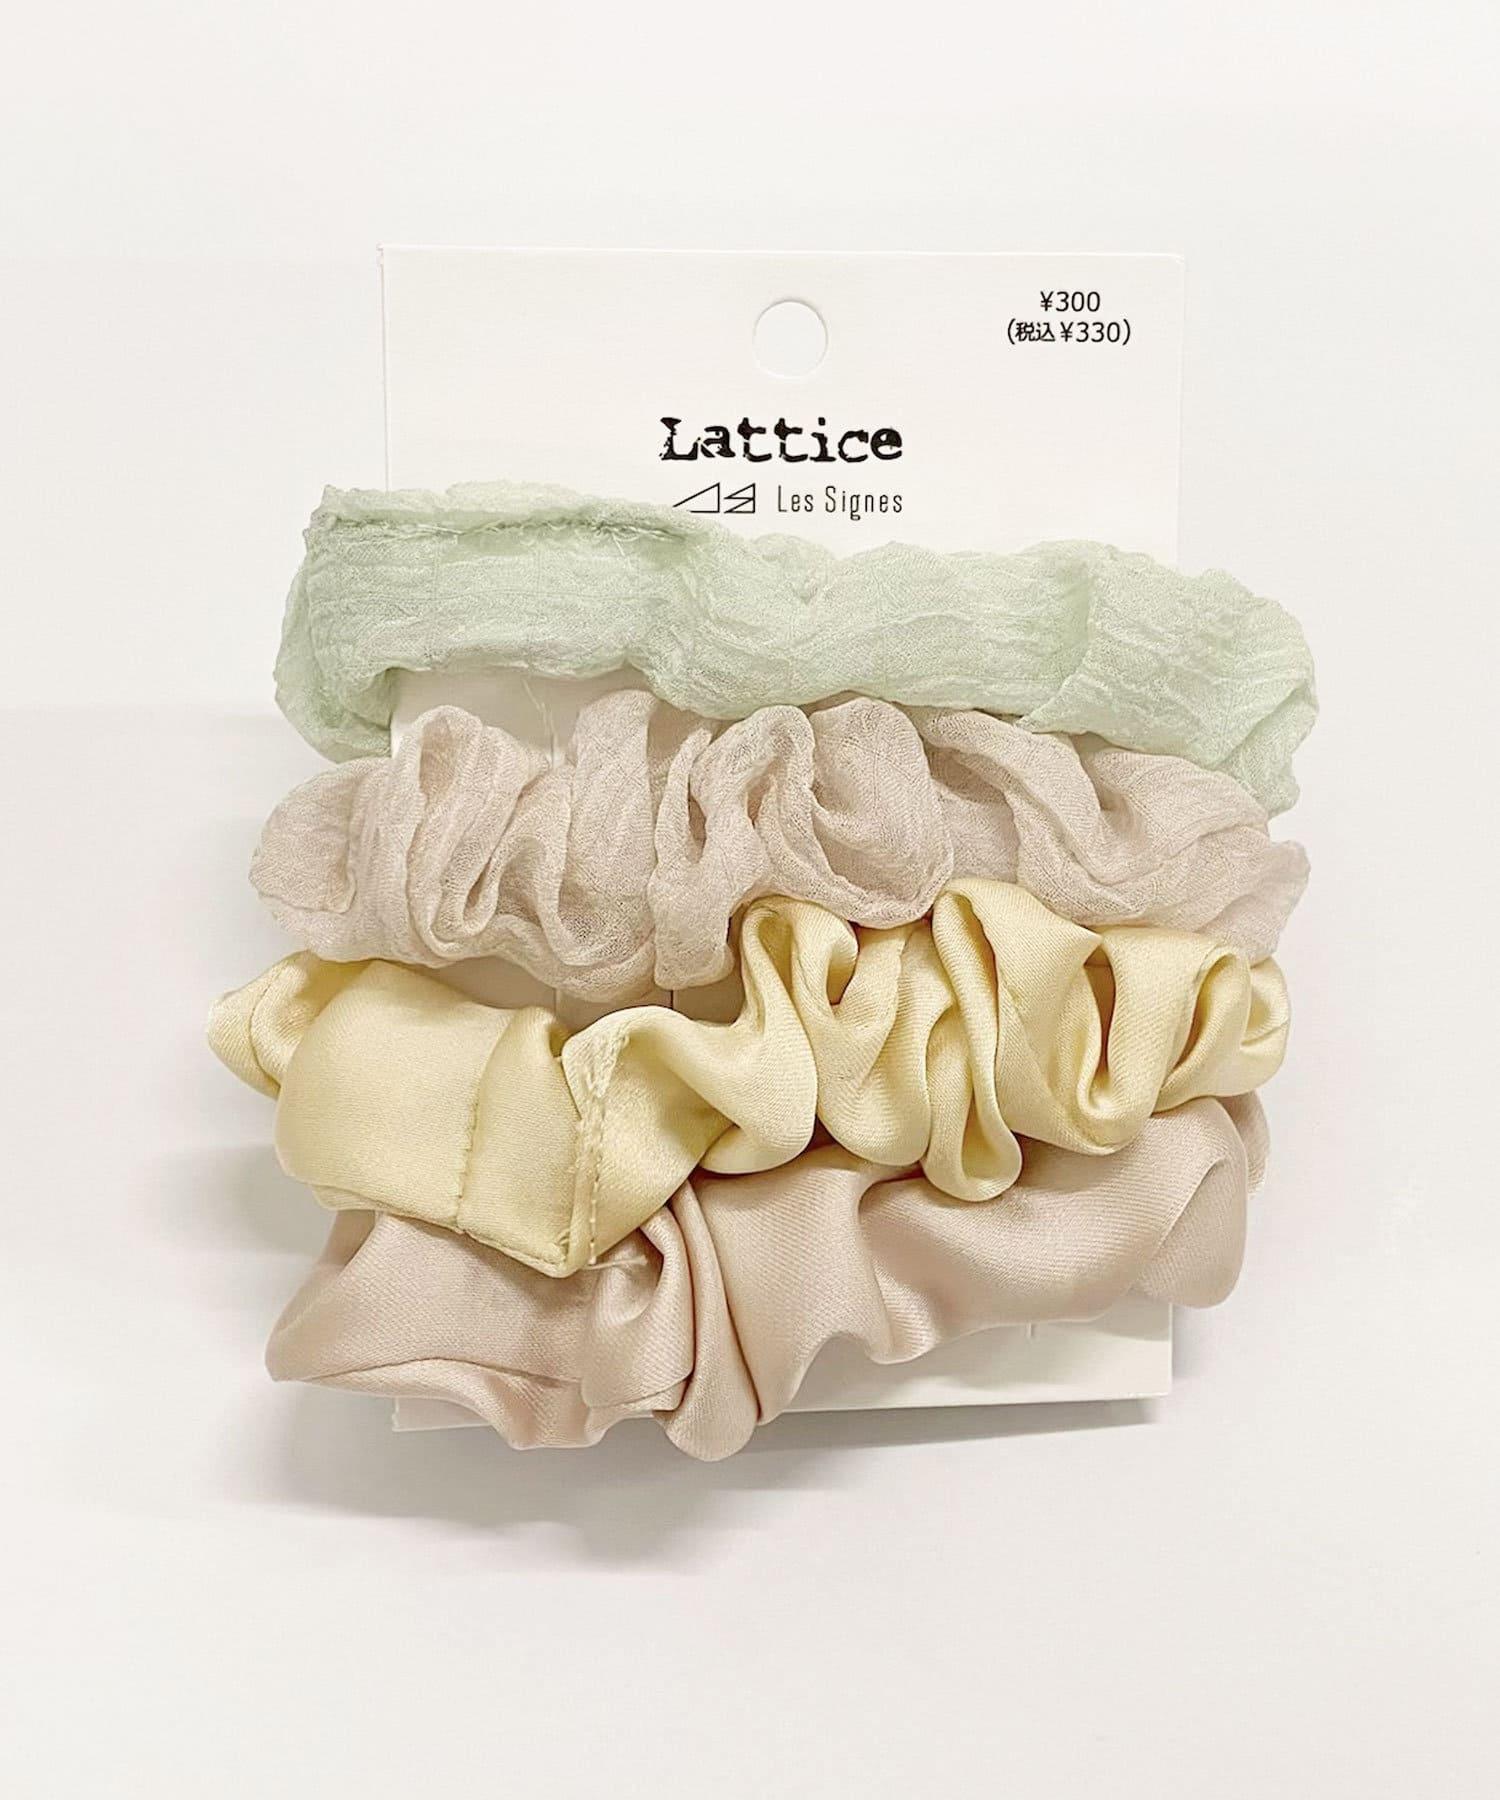 Lattice(ラティス) レディース サテンシフォンSETシュシュ ピンクベージュ